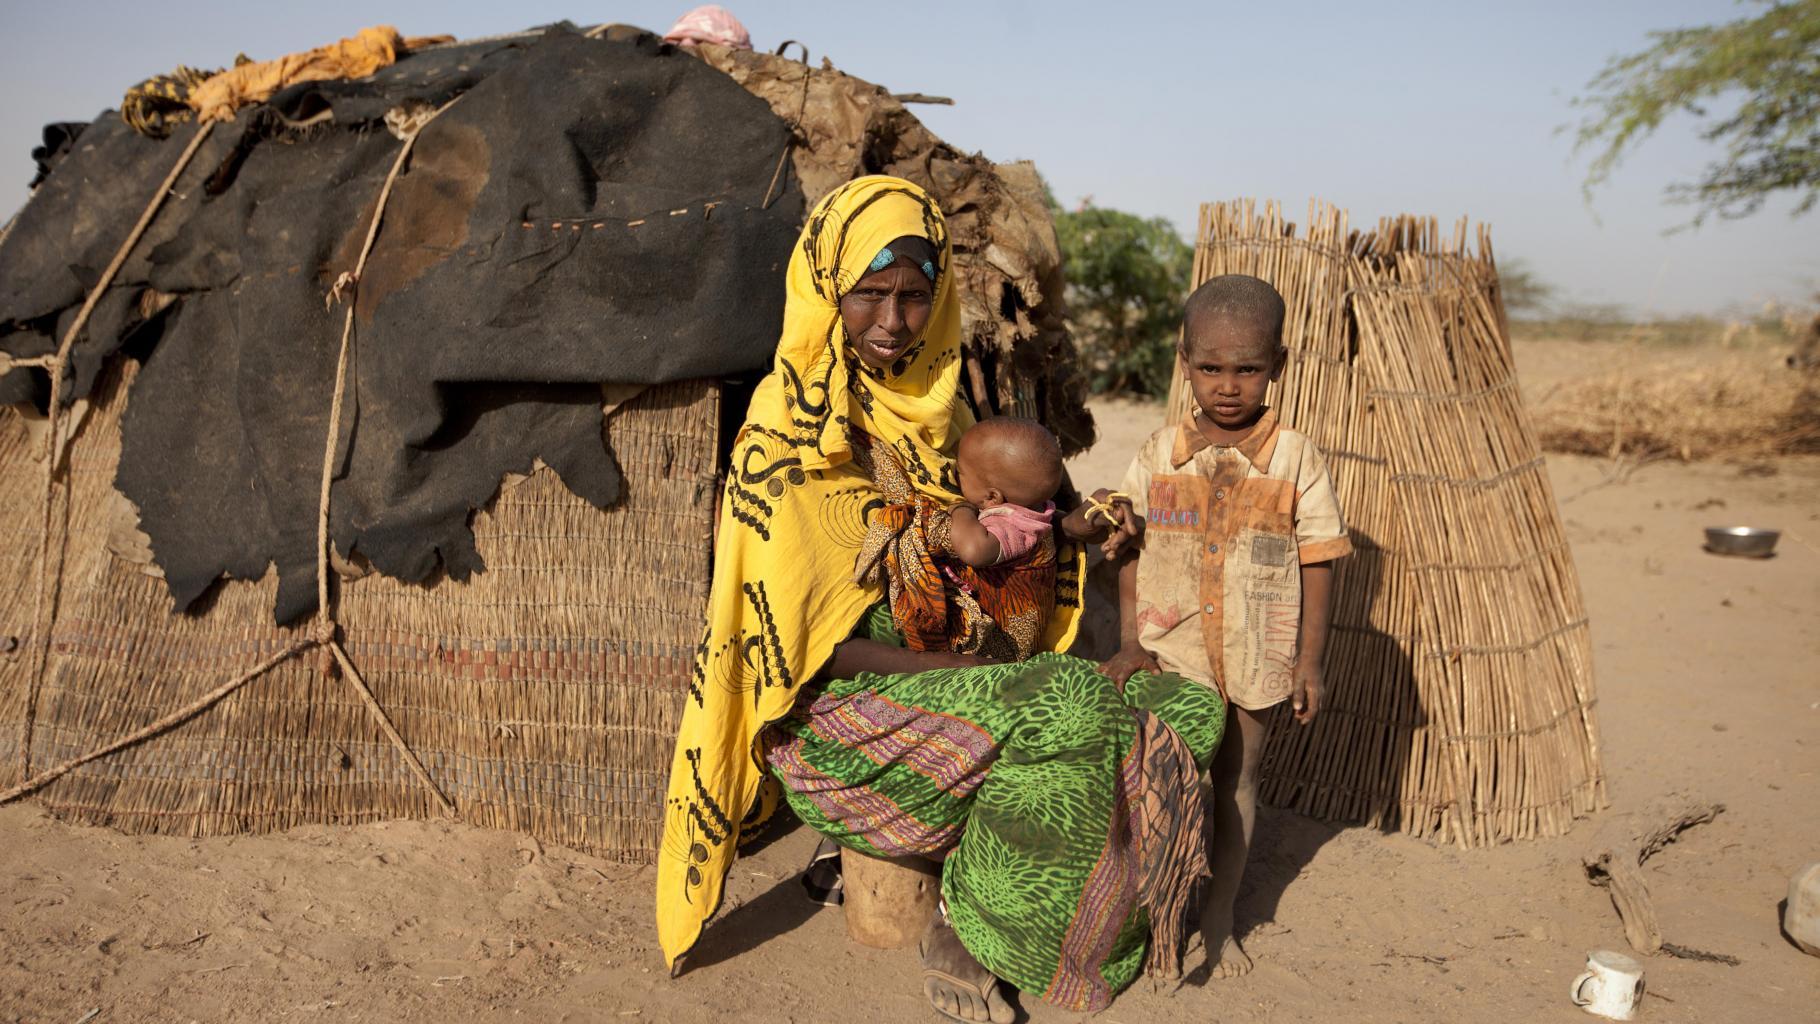 Eine Frau sitzt mit einem Baby auf dem Arm vor einer behelfsmäßigen Unterkunft in einer trockenen Landschaft. Ein Junge steht neben ihr.